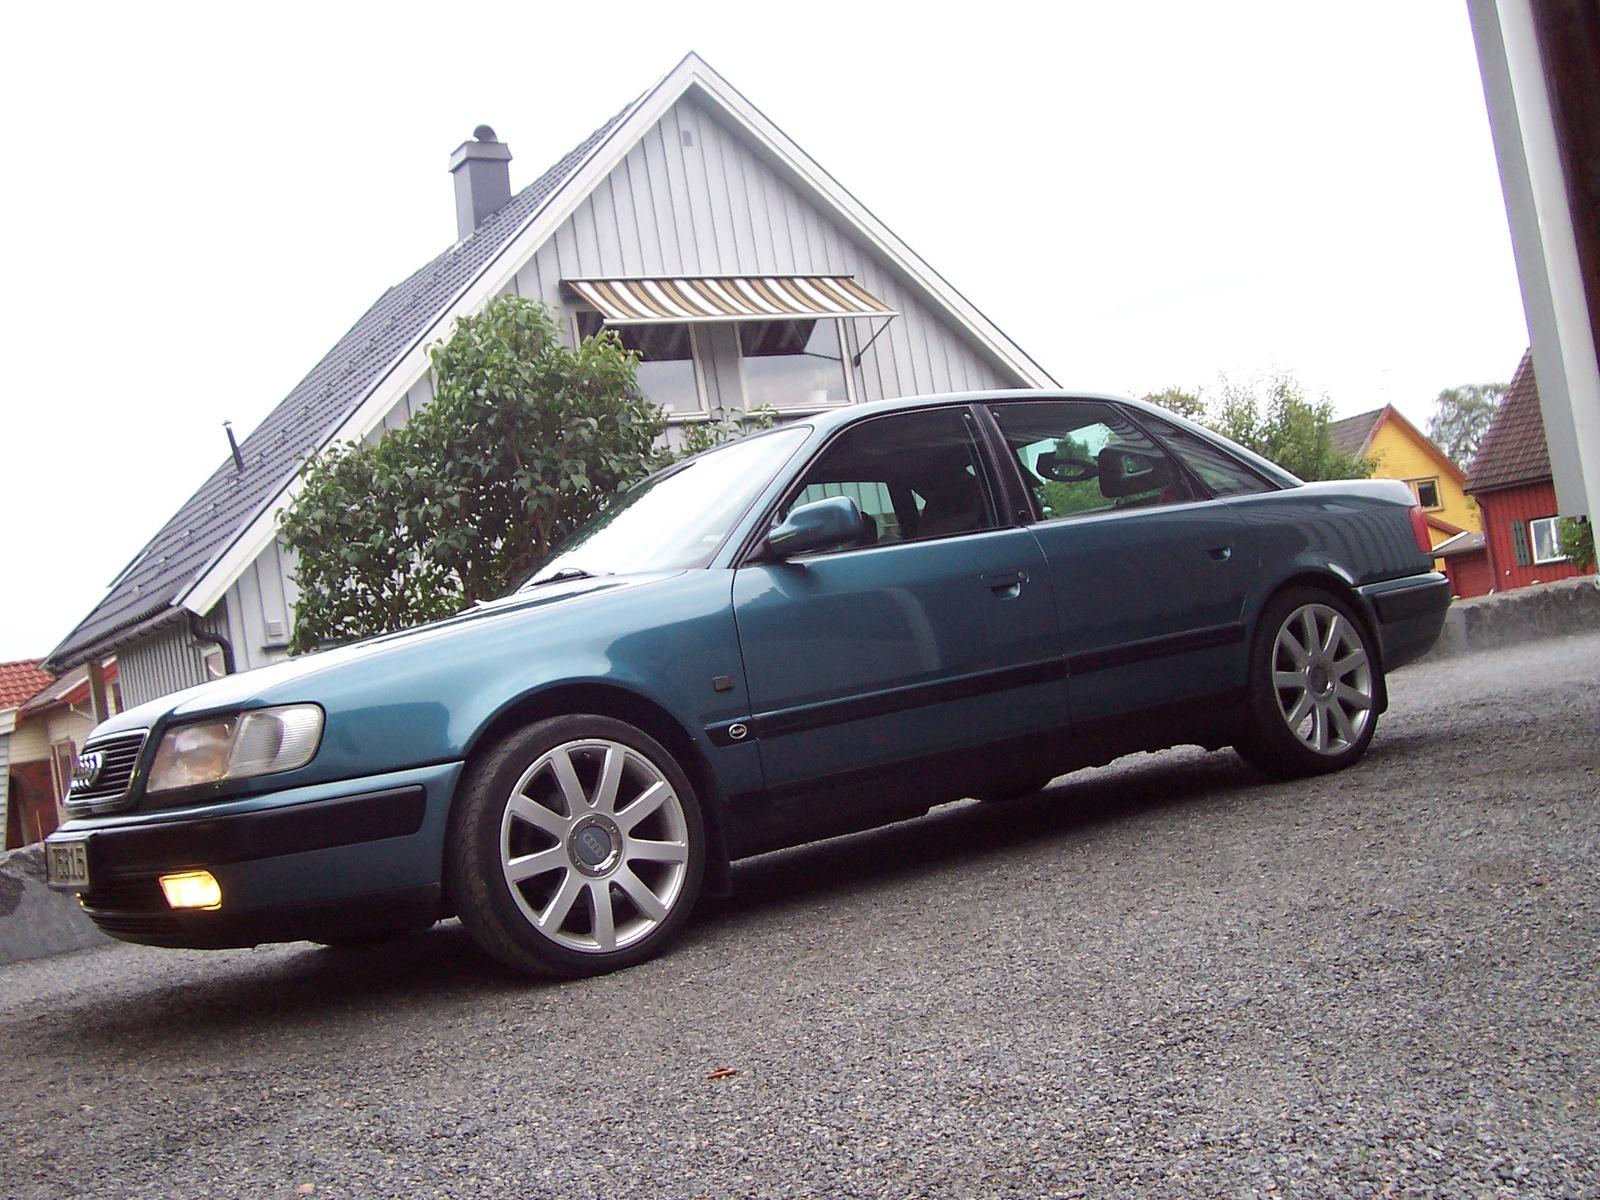 1993 Audi 100 - Exterior Pictures - CarGurus